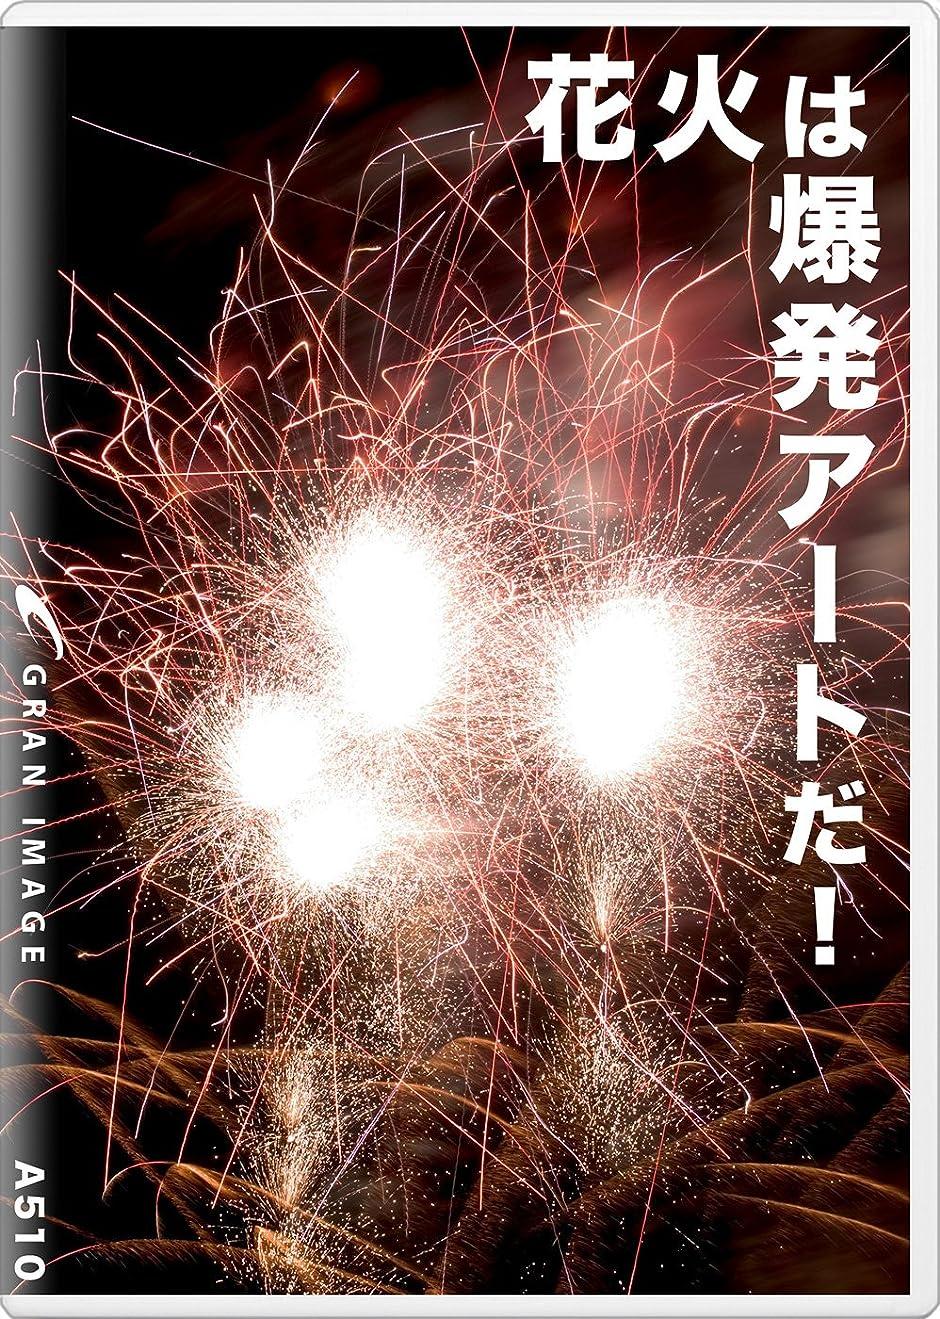 十億別れるおめでとうグランイメージ A510 花火は爆発アートだ!(ロイヤリティフリー写真素材集)